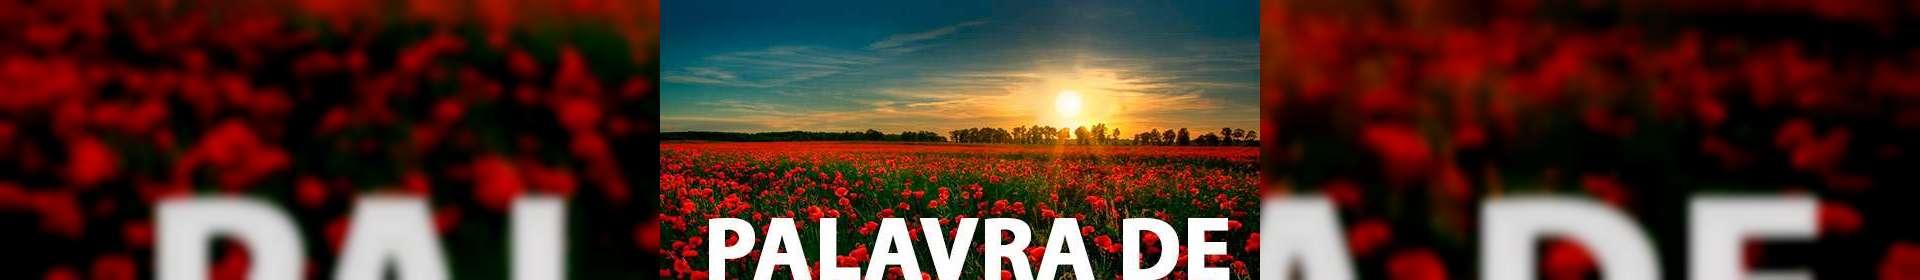 Salmos 34:17,18 - Uma Palavra de Esperança para sua vida